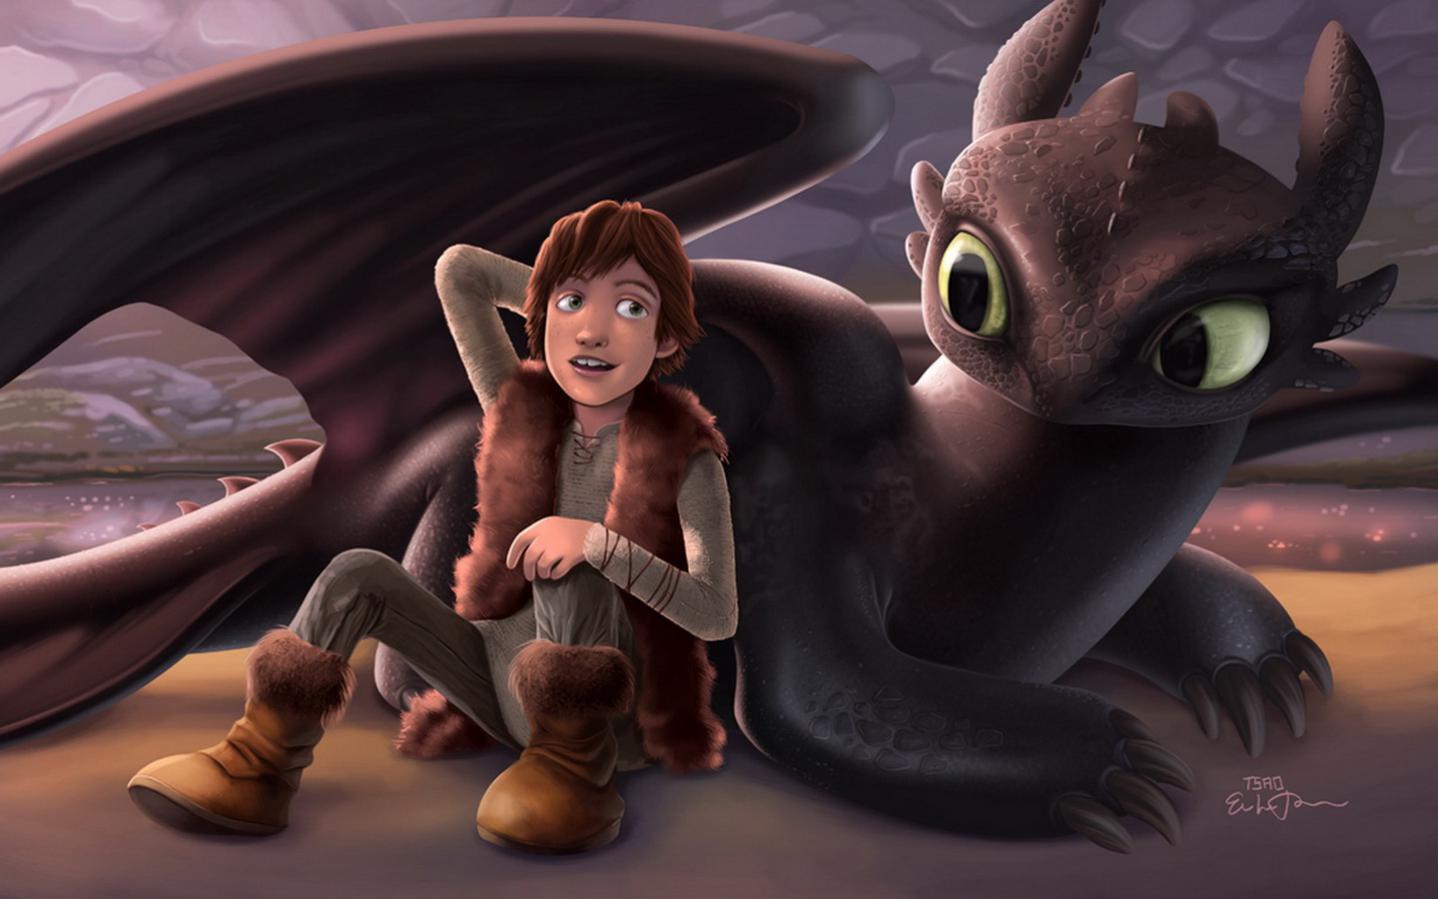 никто застрахован: сколько собрал в прокате мультфильм как приручить дракона по-армянски: